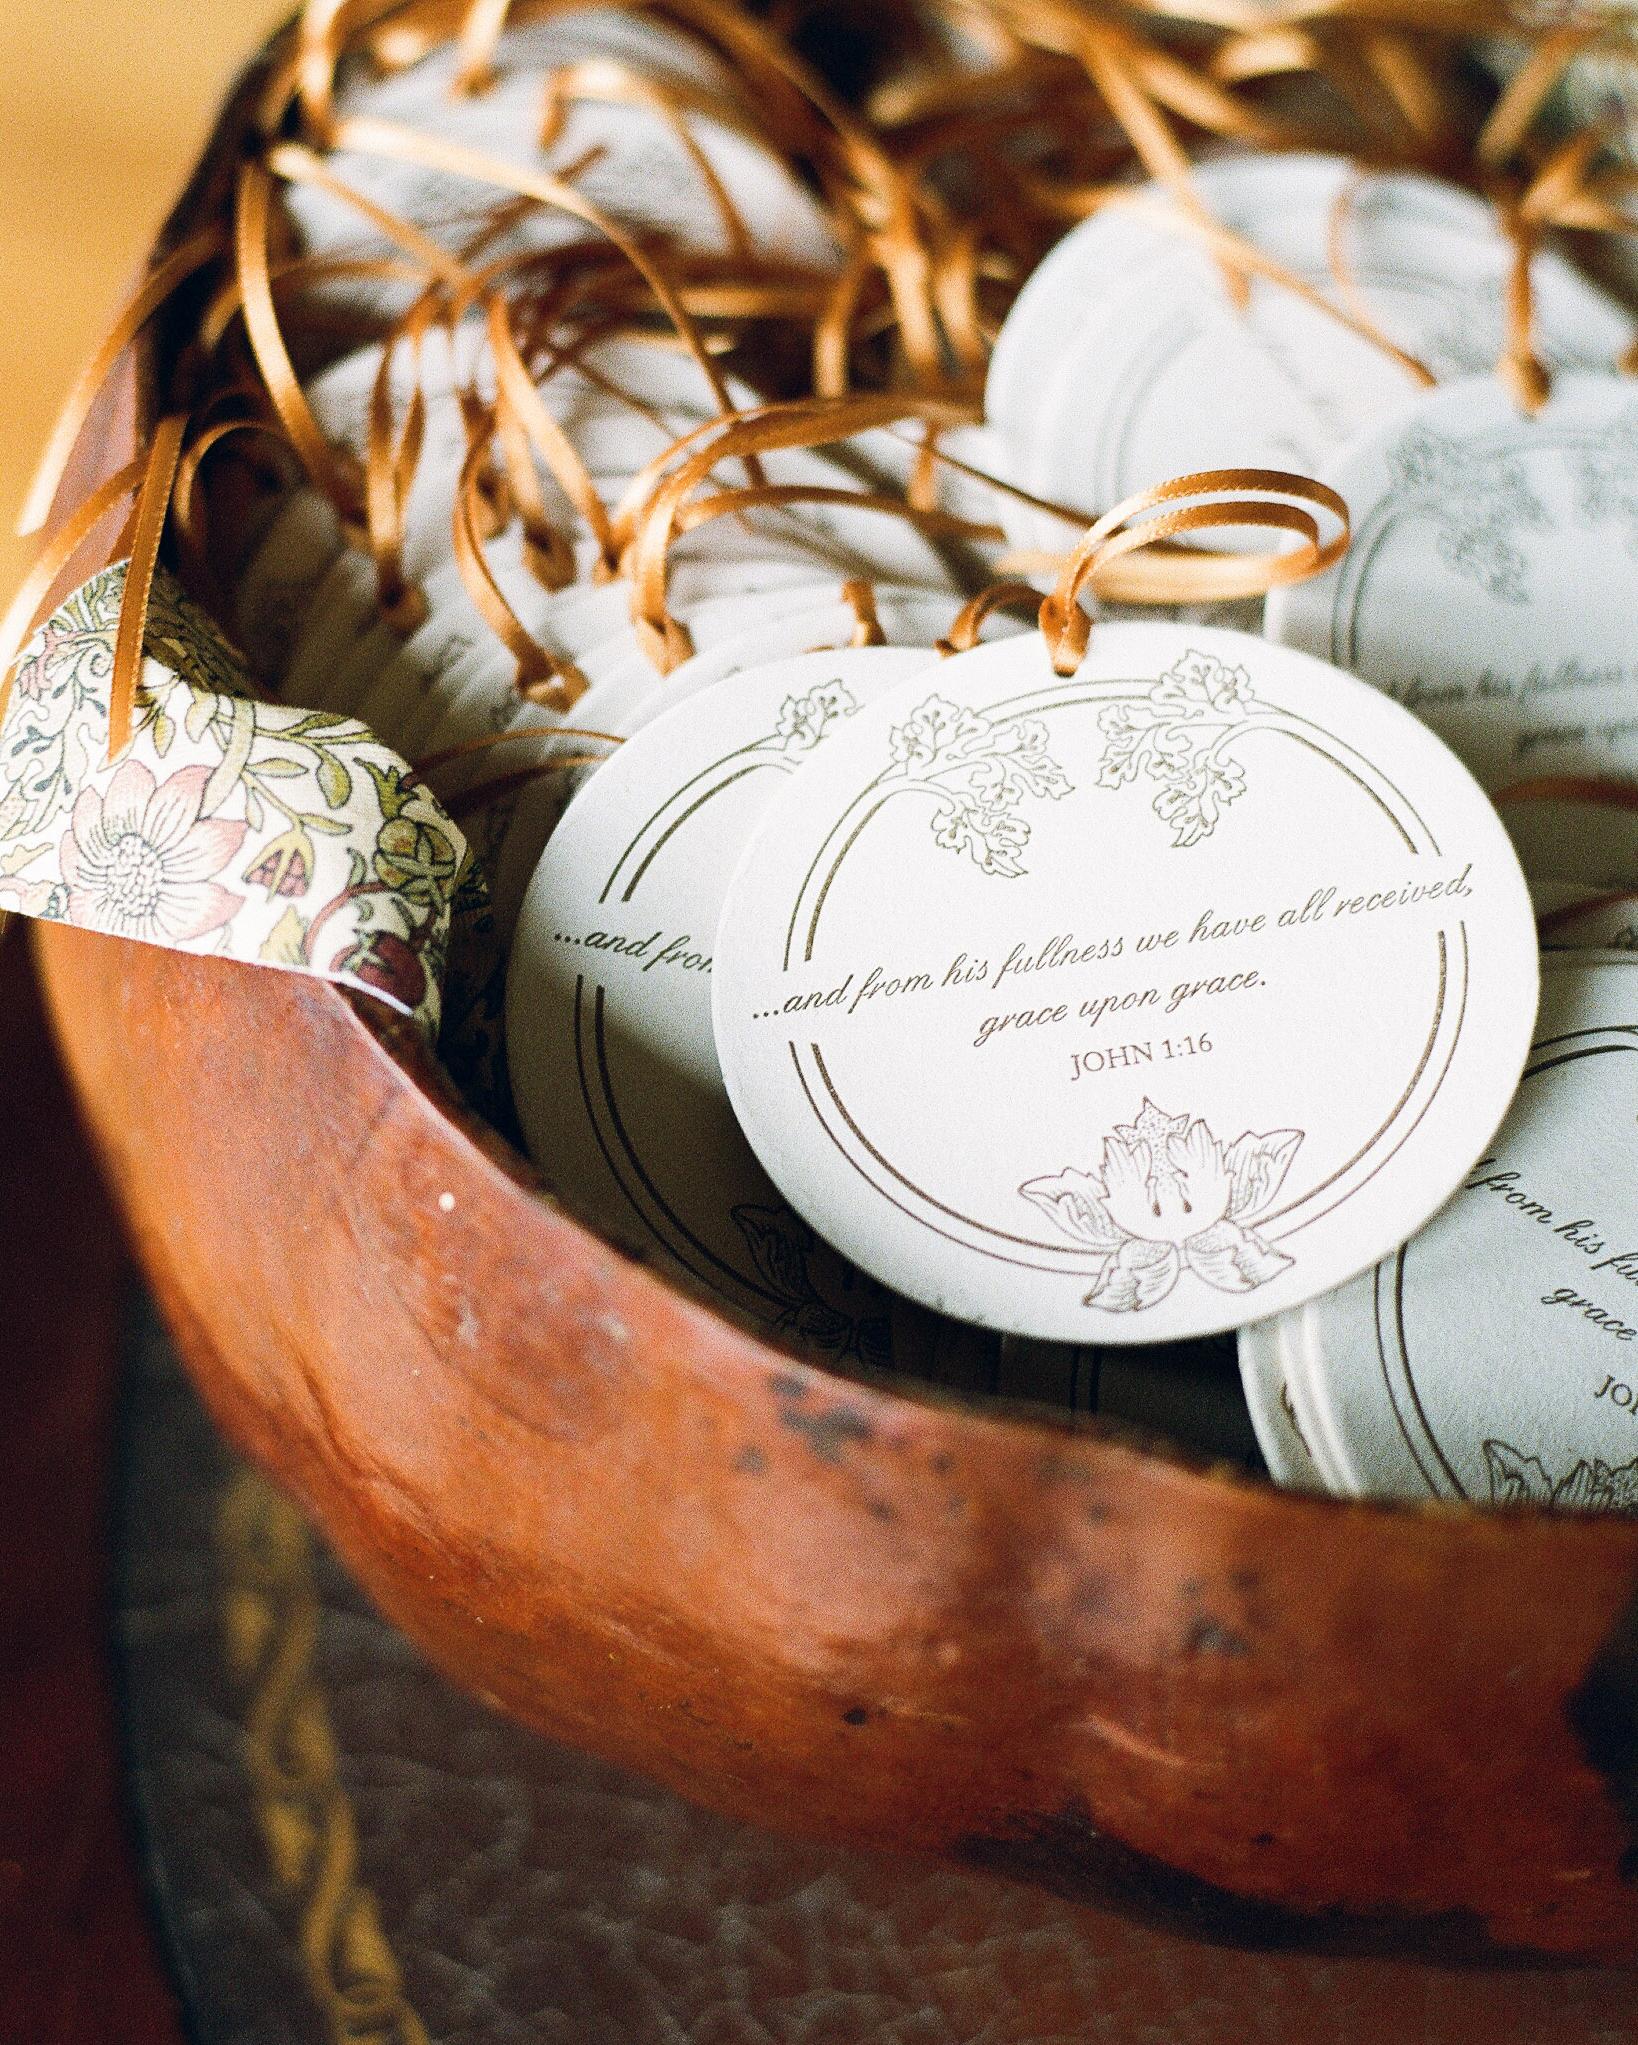 sidney-dane-wedding-ornaments-s112109-0815.jpg